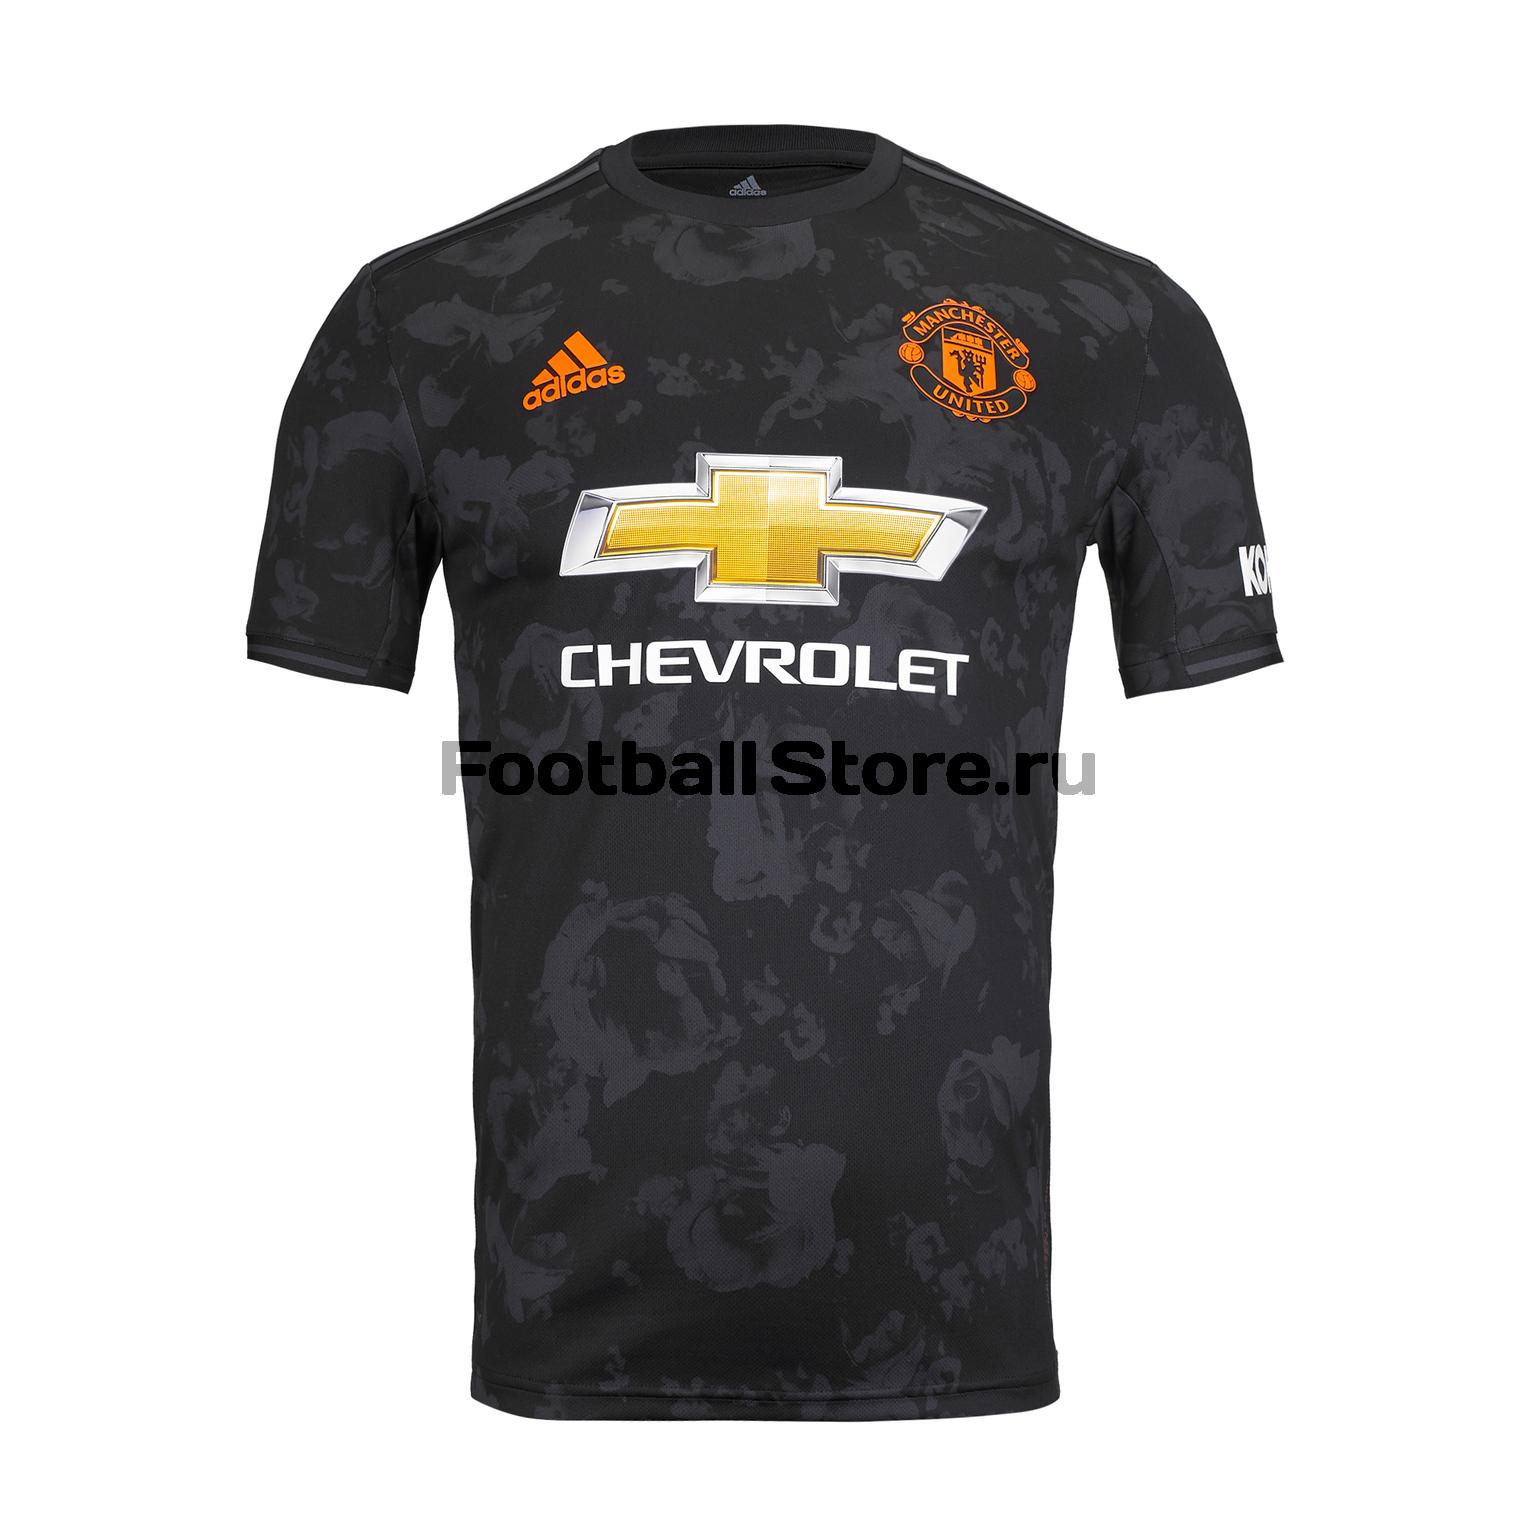 Футболка игровая резервная Adidas Manchester United 2019/20